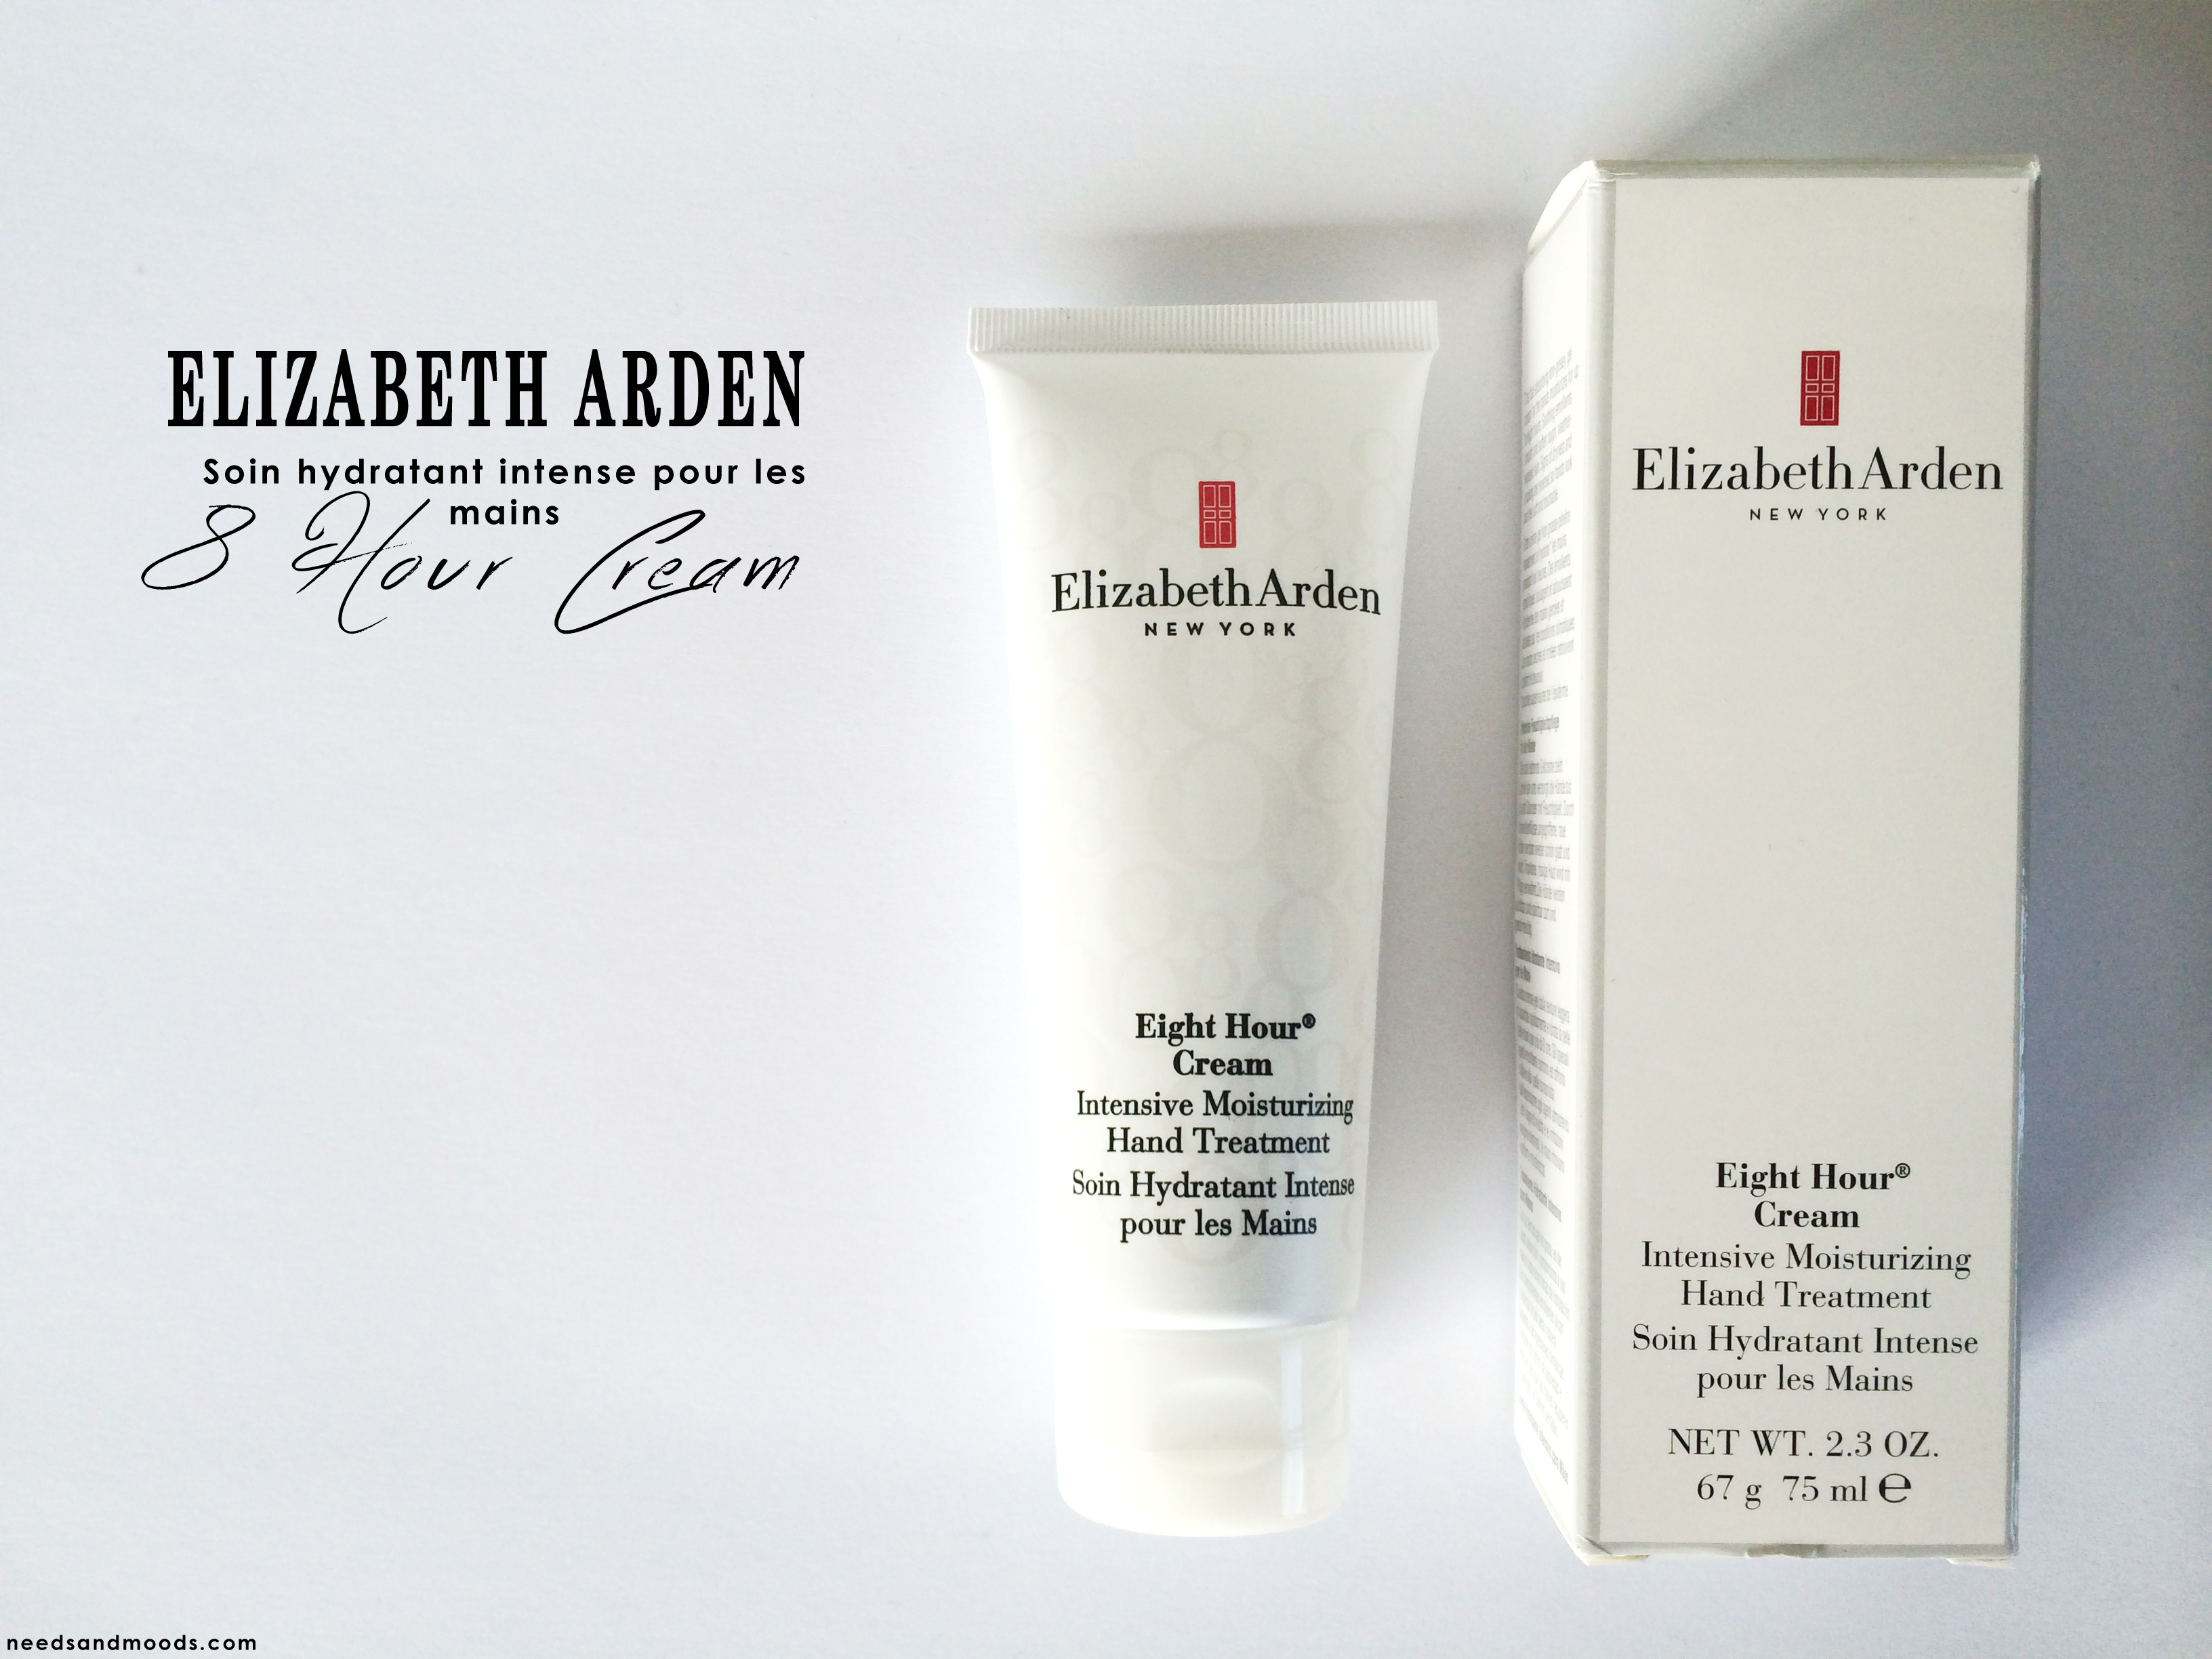 Crème de huit heures pour les mains - Elizabeth Arden - avis